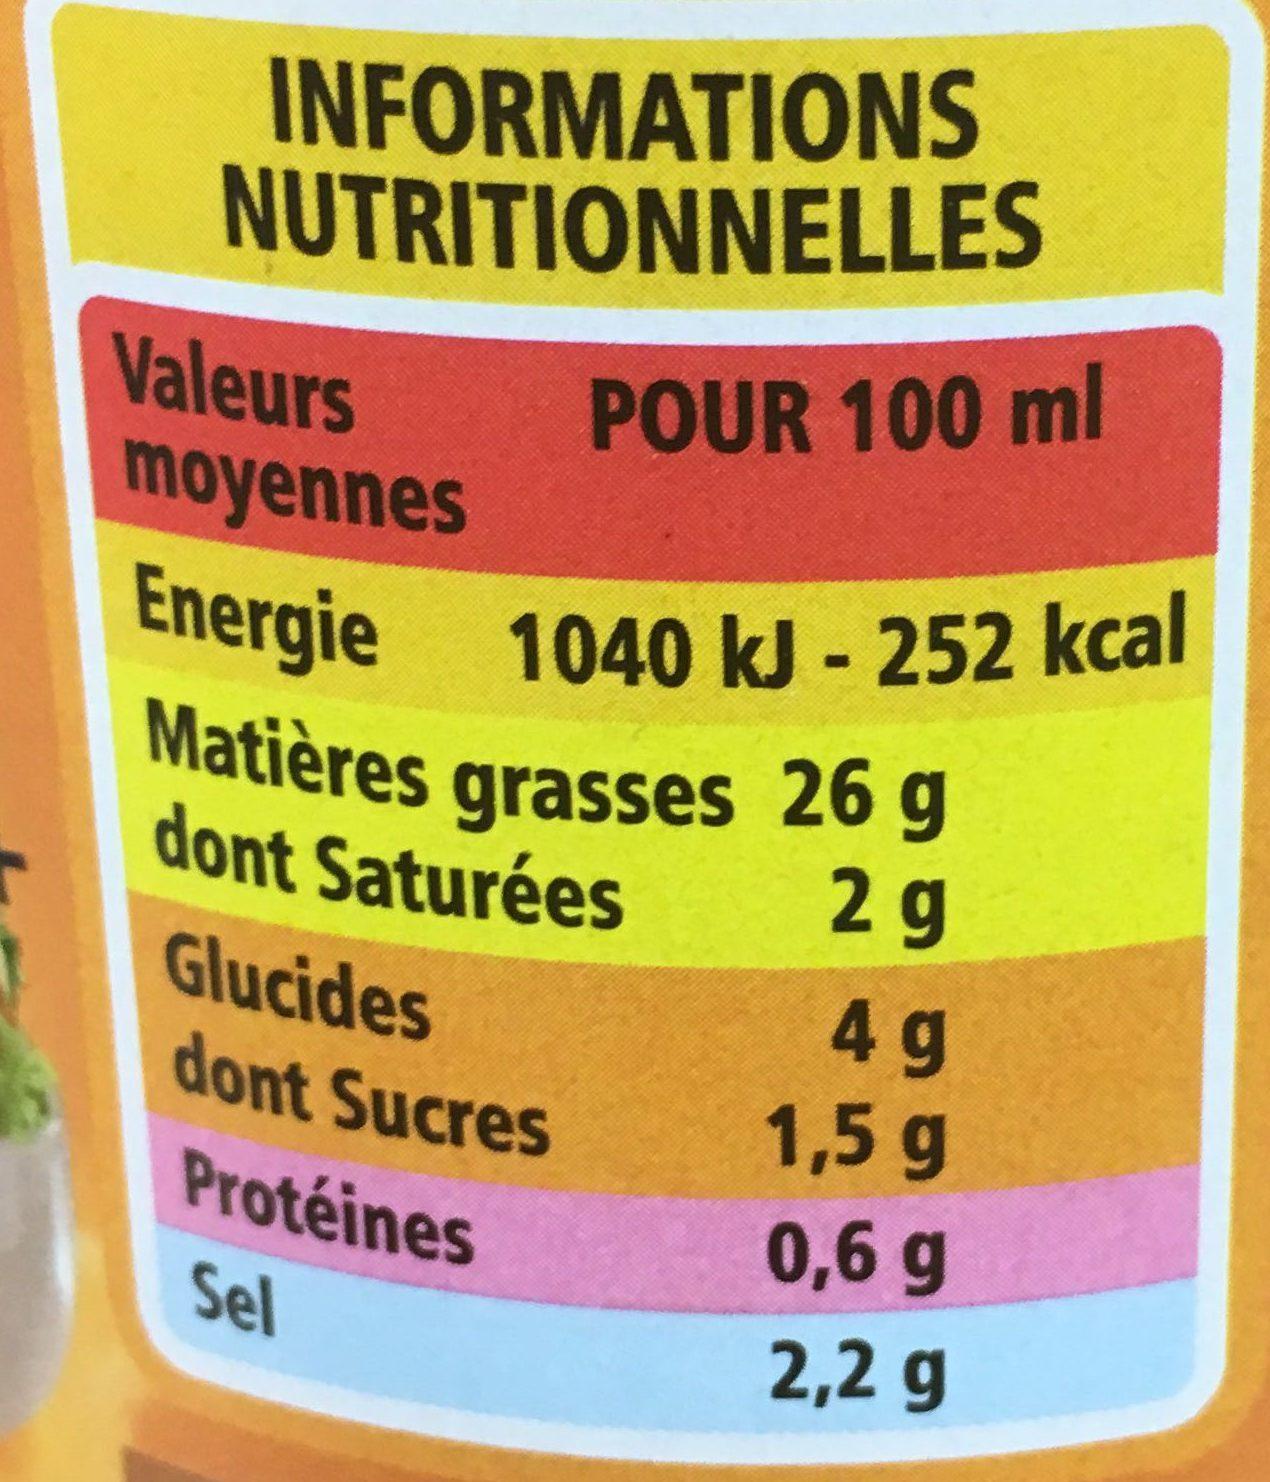 Vinaigrette moutarde à l'ancienne allégée en matières grasses - Informazioni nutrizionali - fr